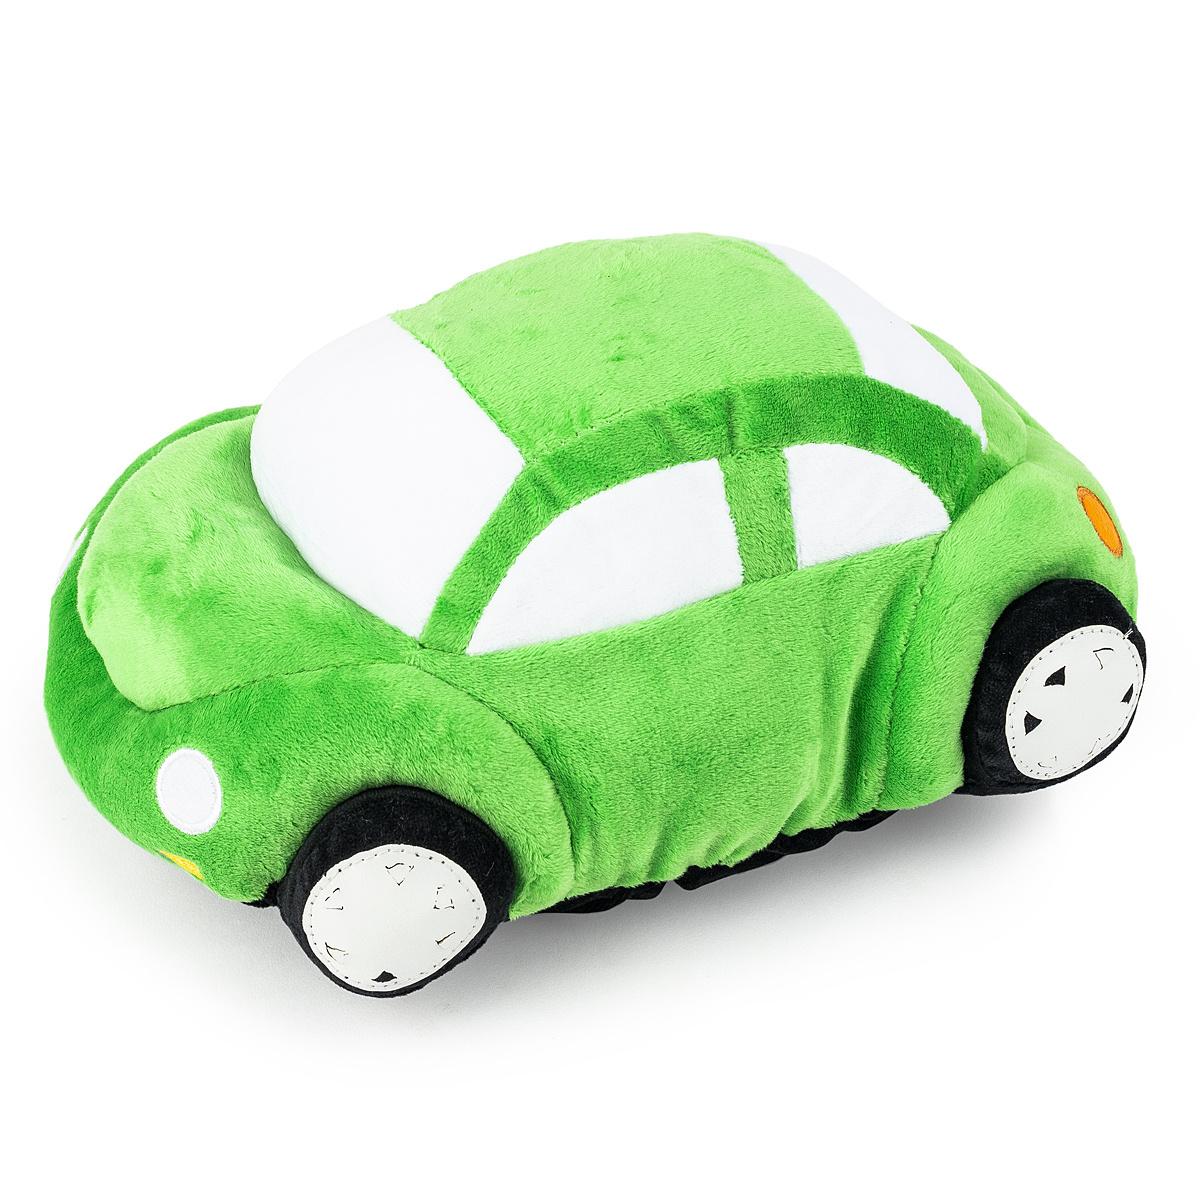 Pernă cu formă aparte Mașinuță, verde, 33 x 15 cm imagine 2021 e4home.ro